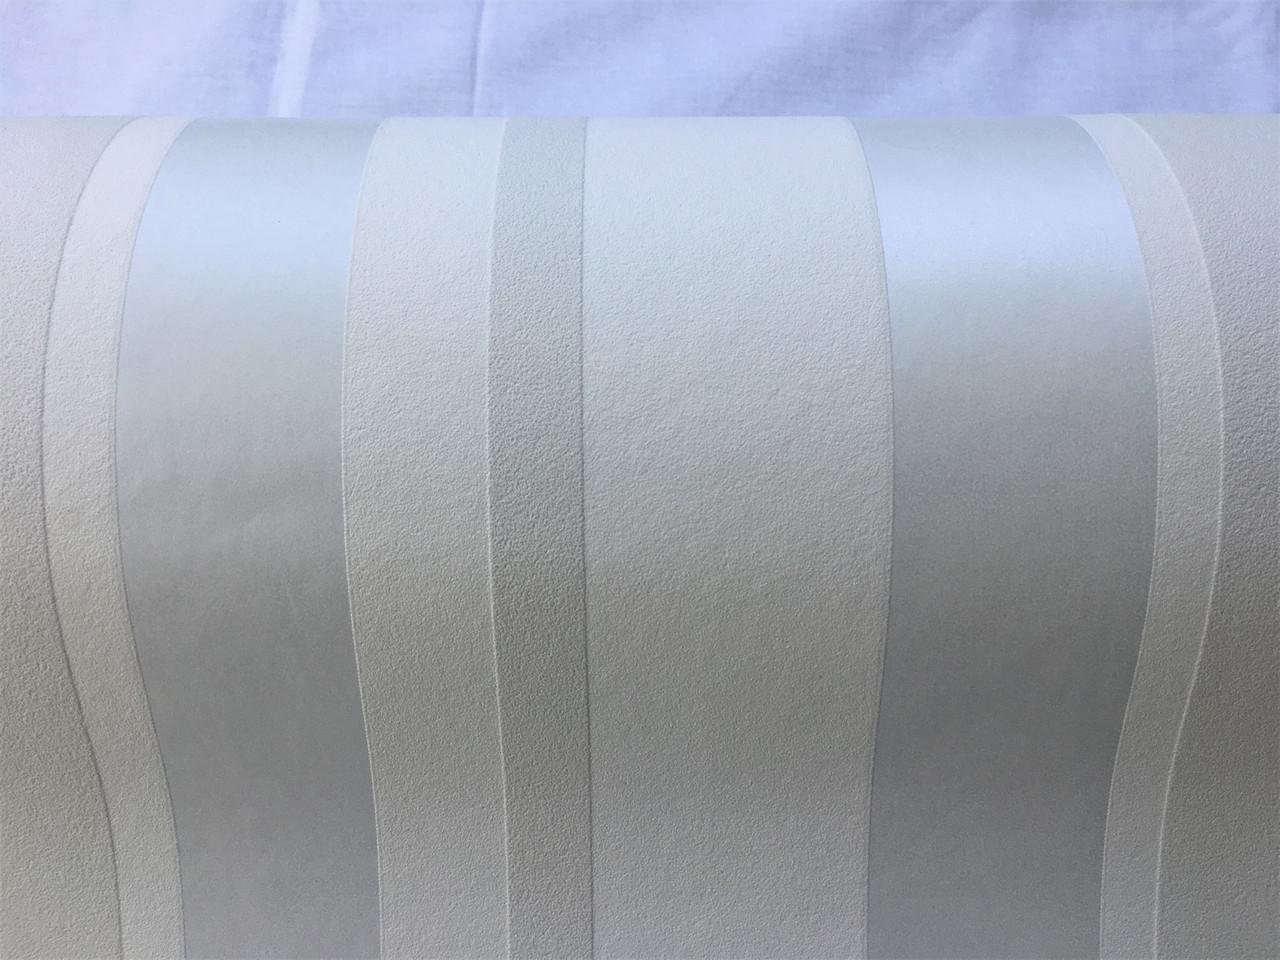 Белые виниловые обои в платиновую, серебристую полоску  - металлик 138835, глянцевую на матовом фоне